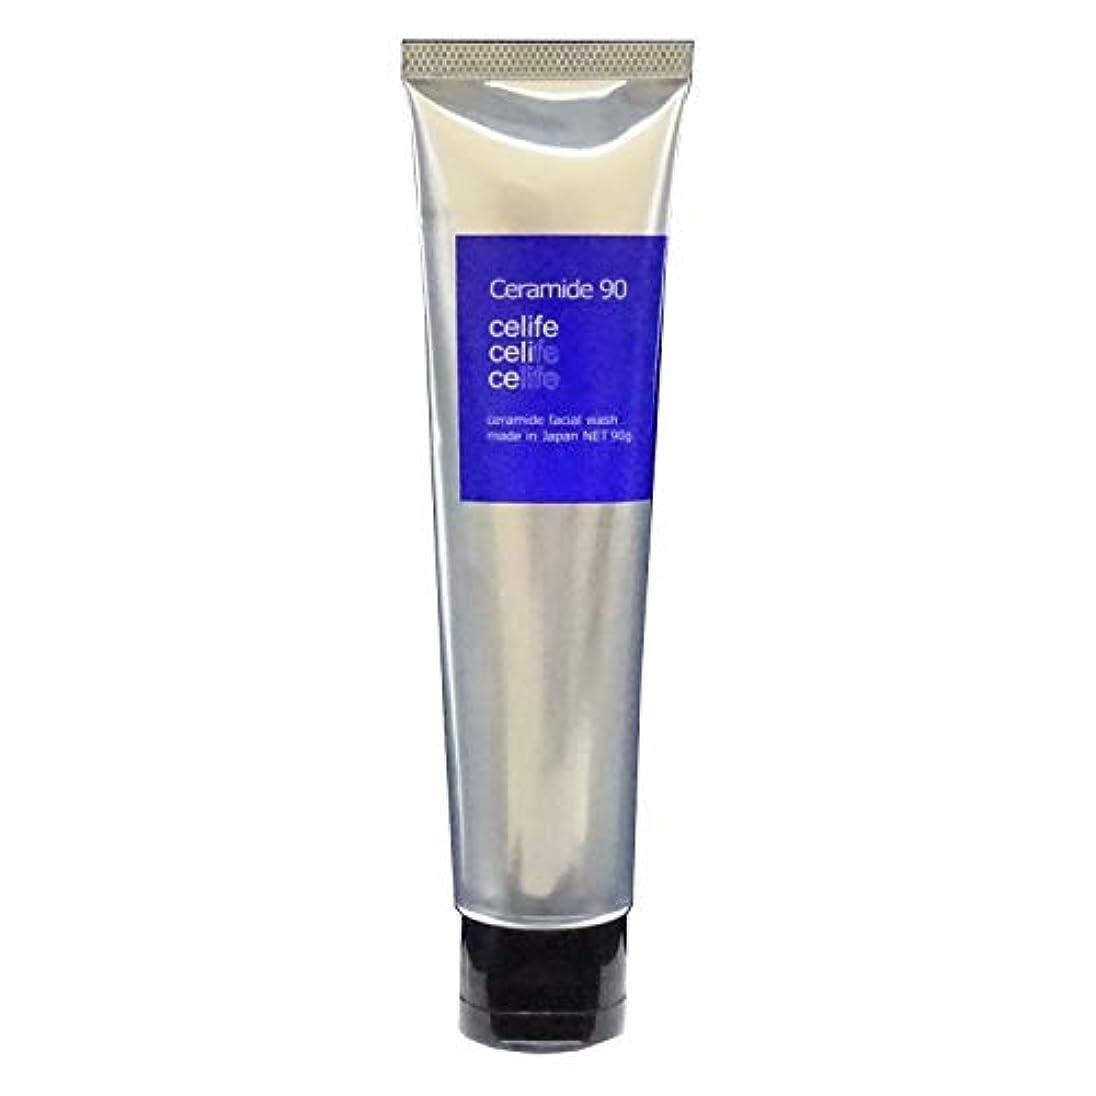 アライアンス株式モードリンcelife(セライフ) 天然セラミド配合洗顔 セラミド90 90g